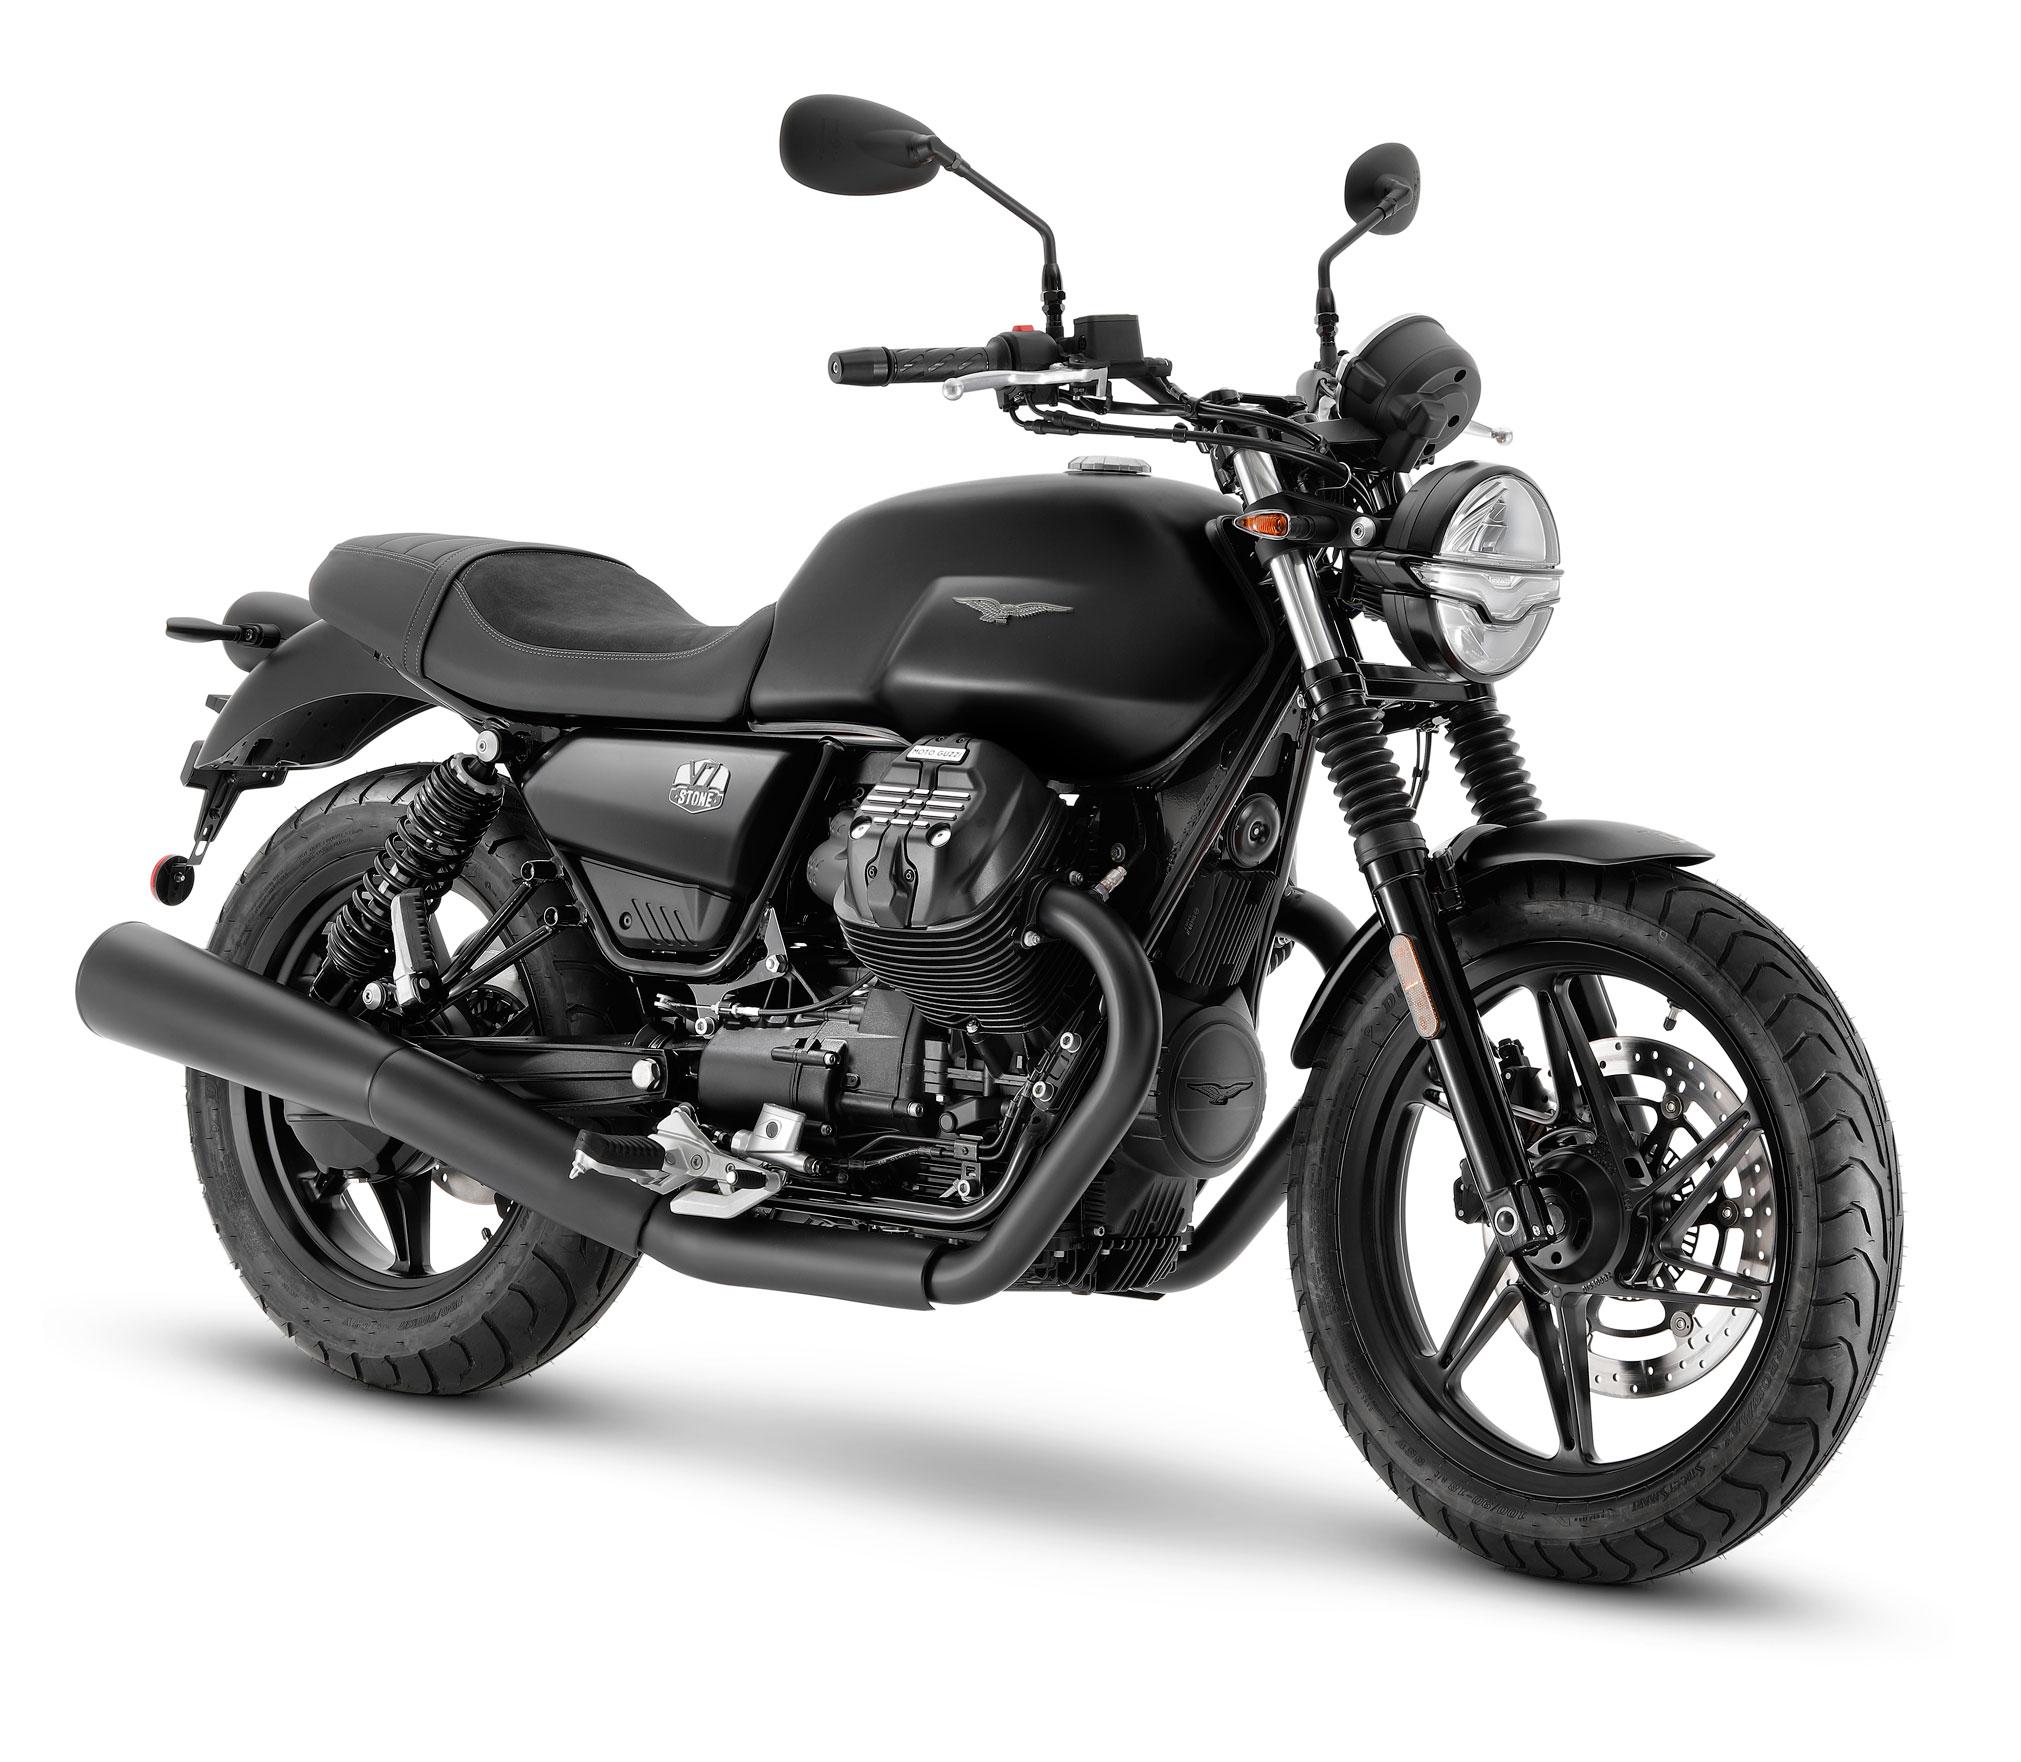 2021 Moto Guzzi V7 Stone